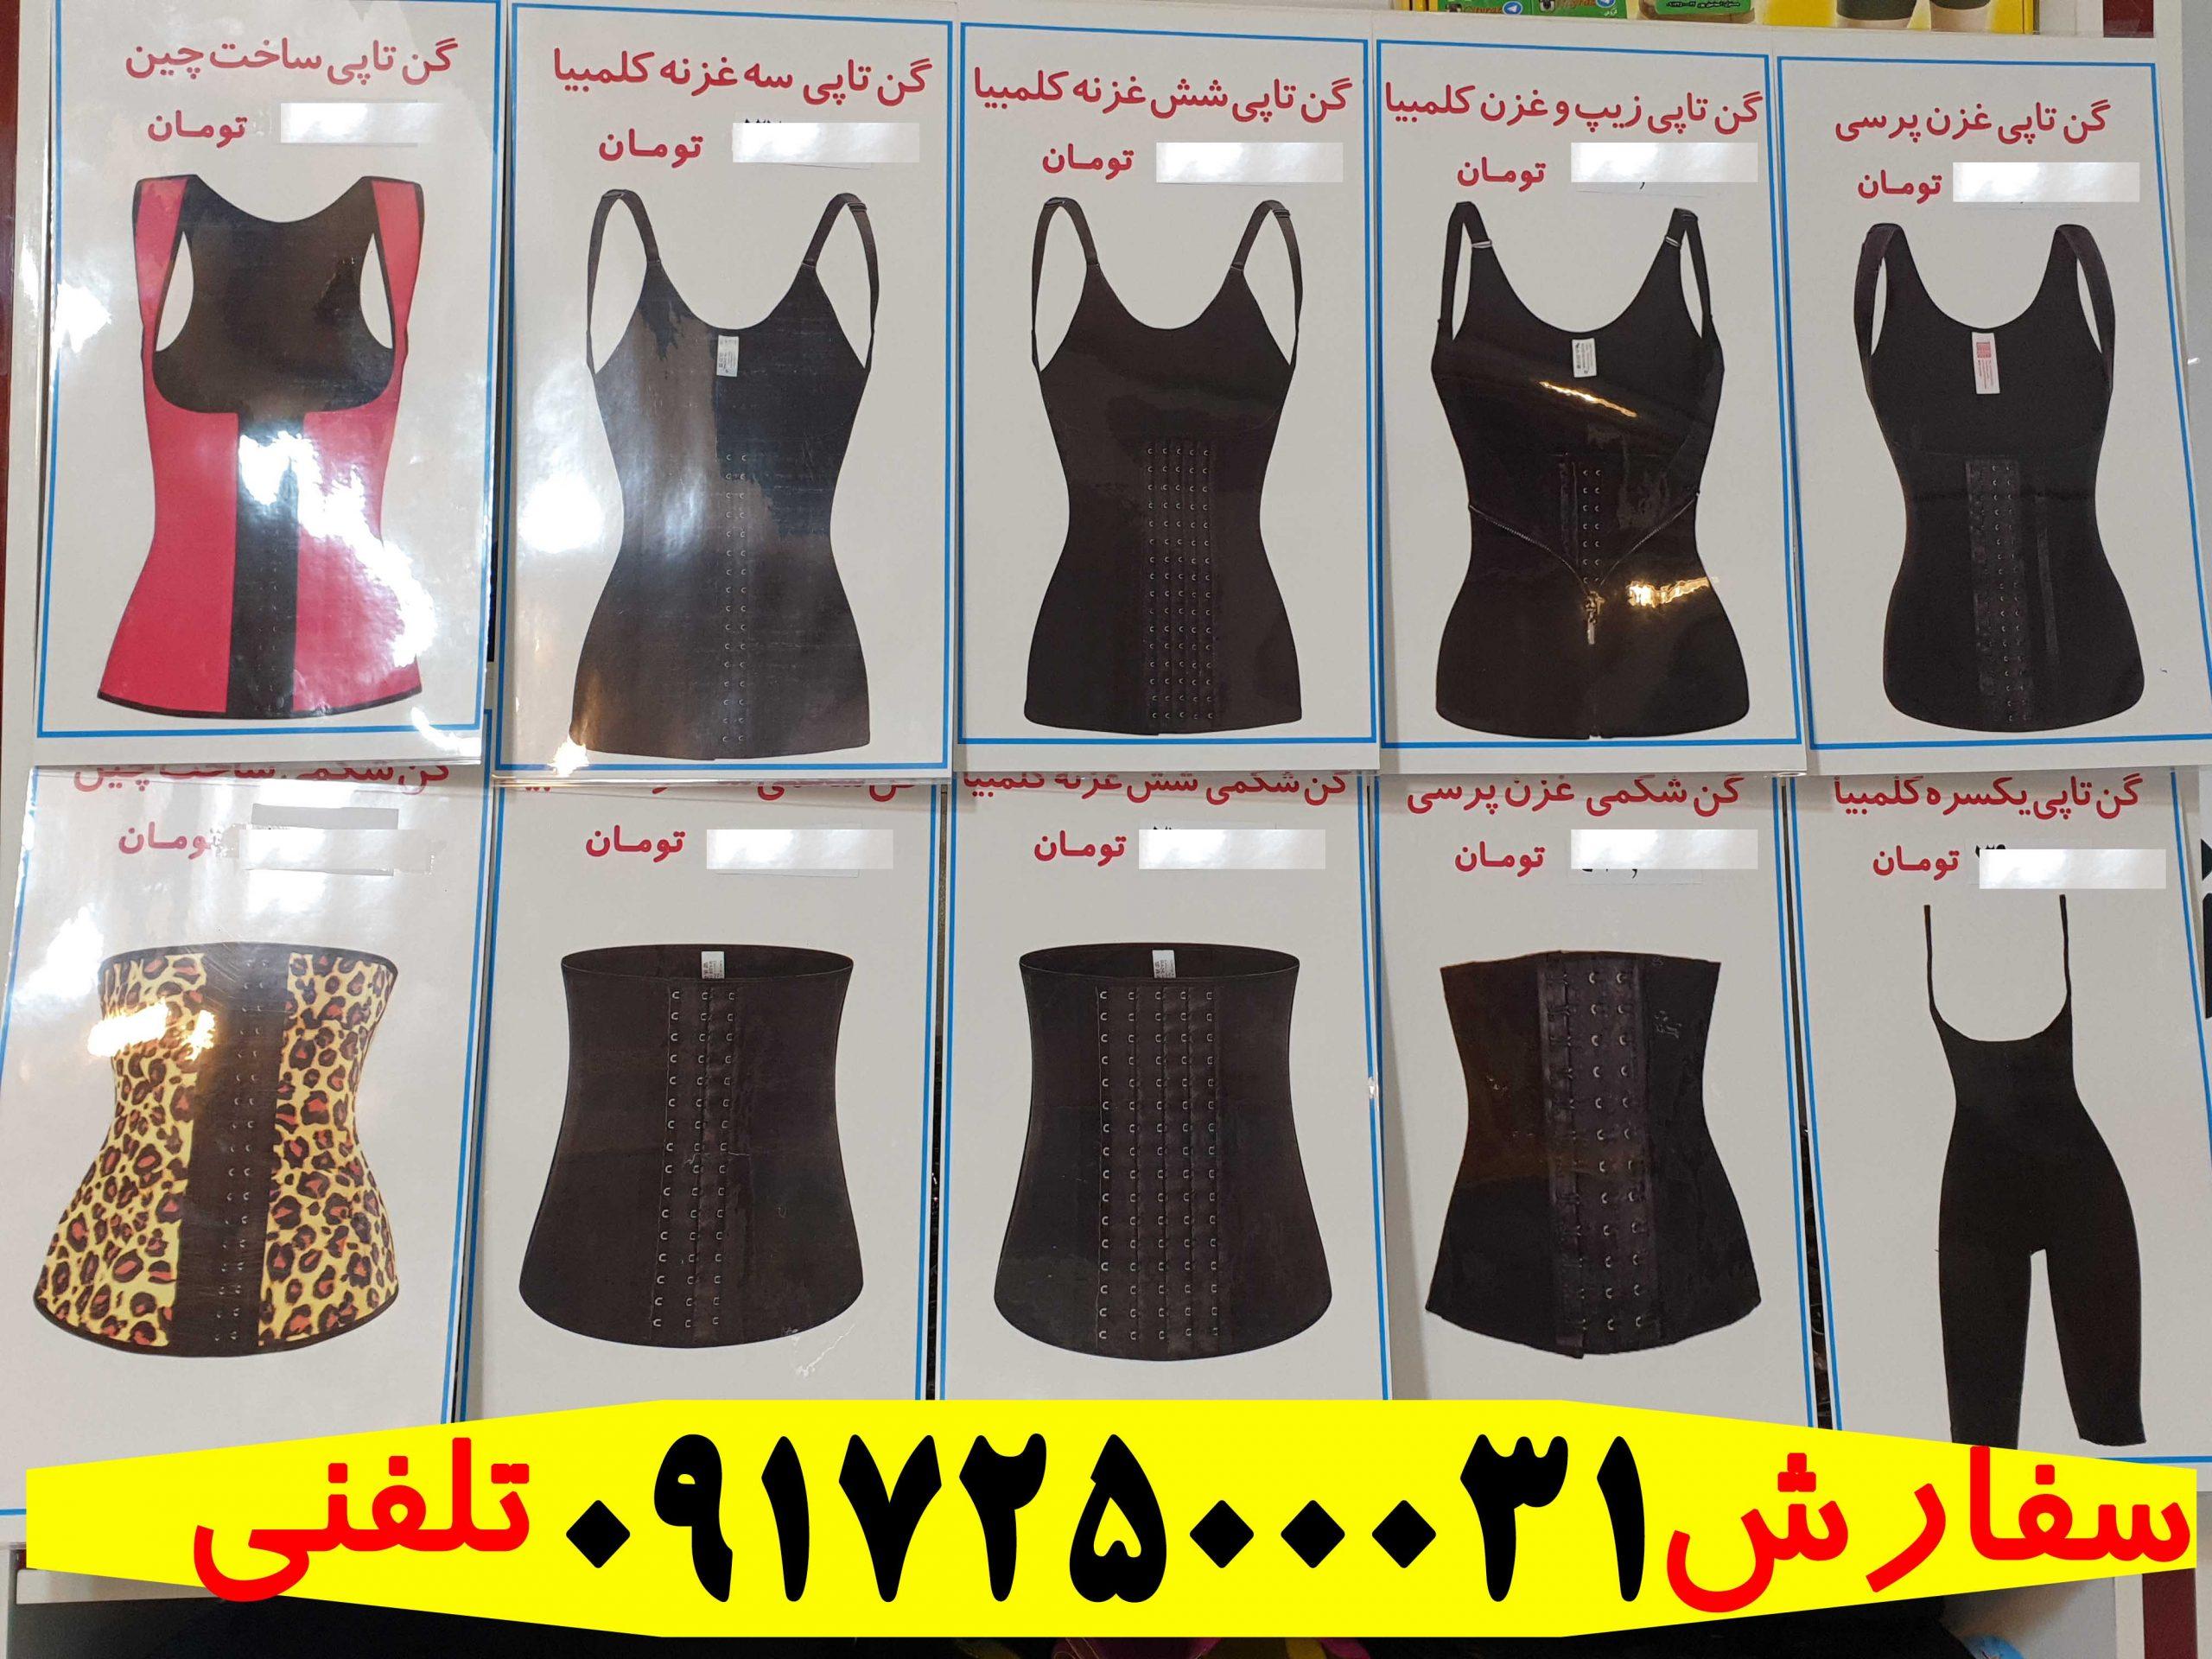 فروش گن ساعت شنی در شیراز|۰۹۱۷۲۵۰۰۰۳۱